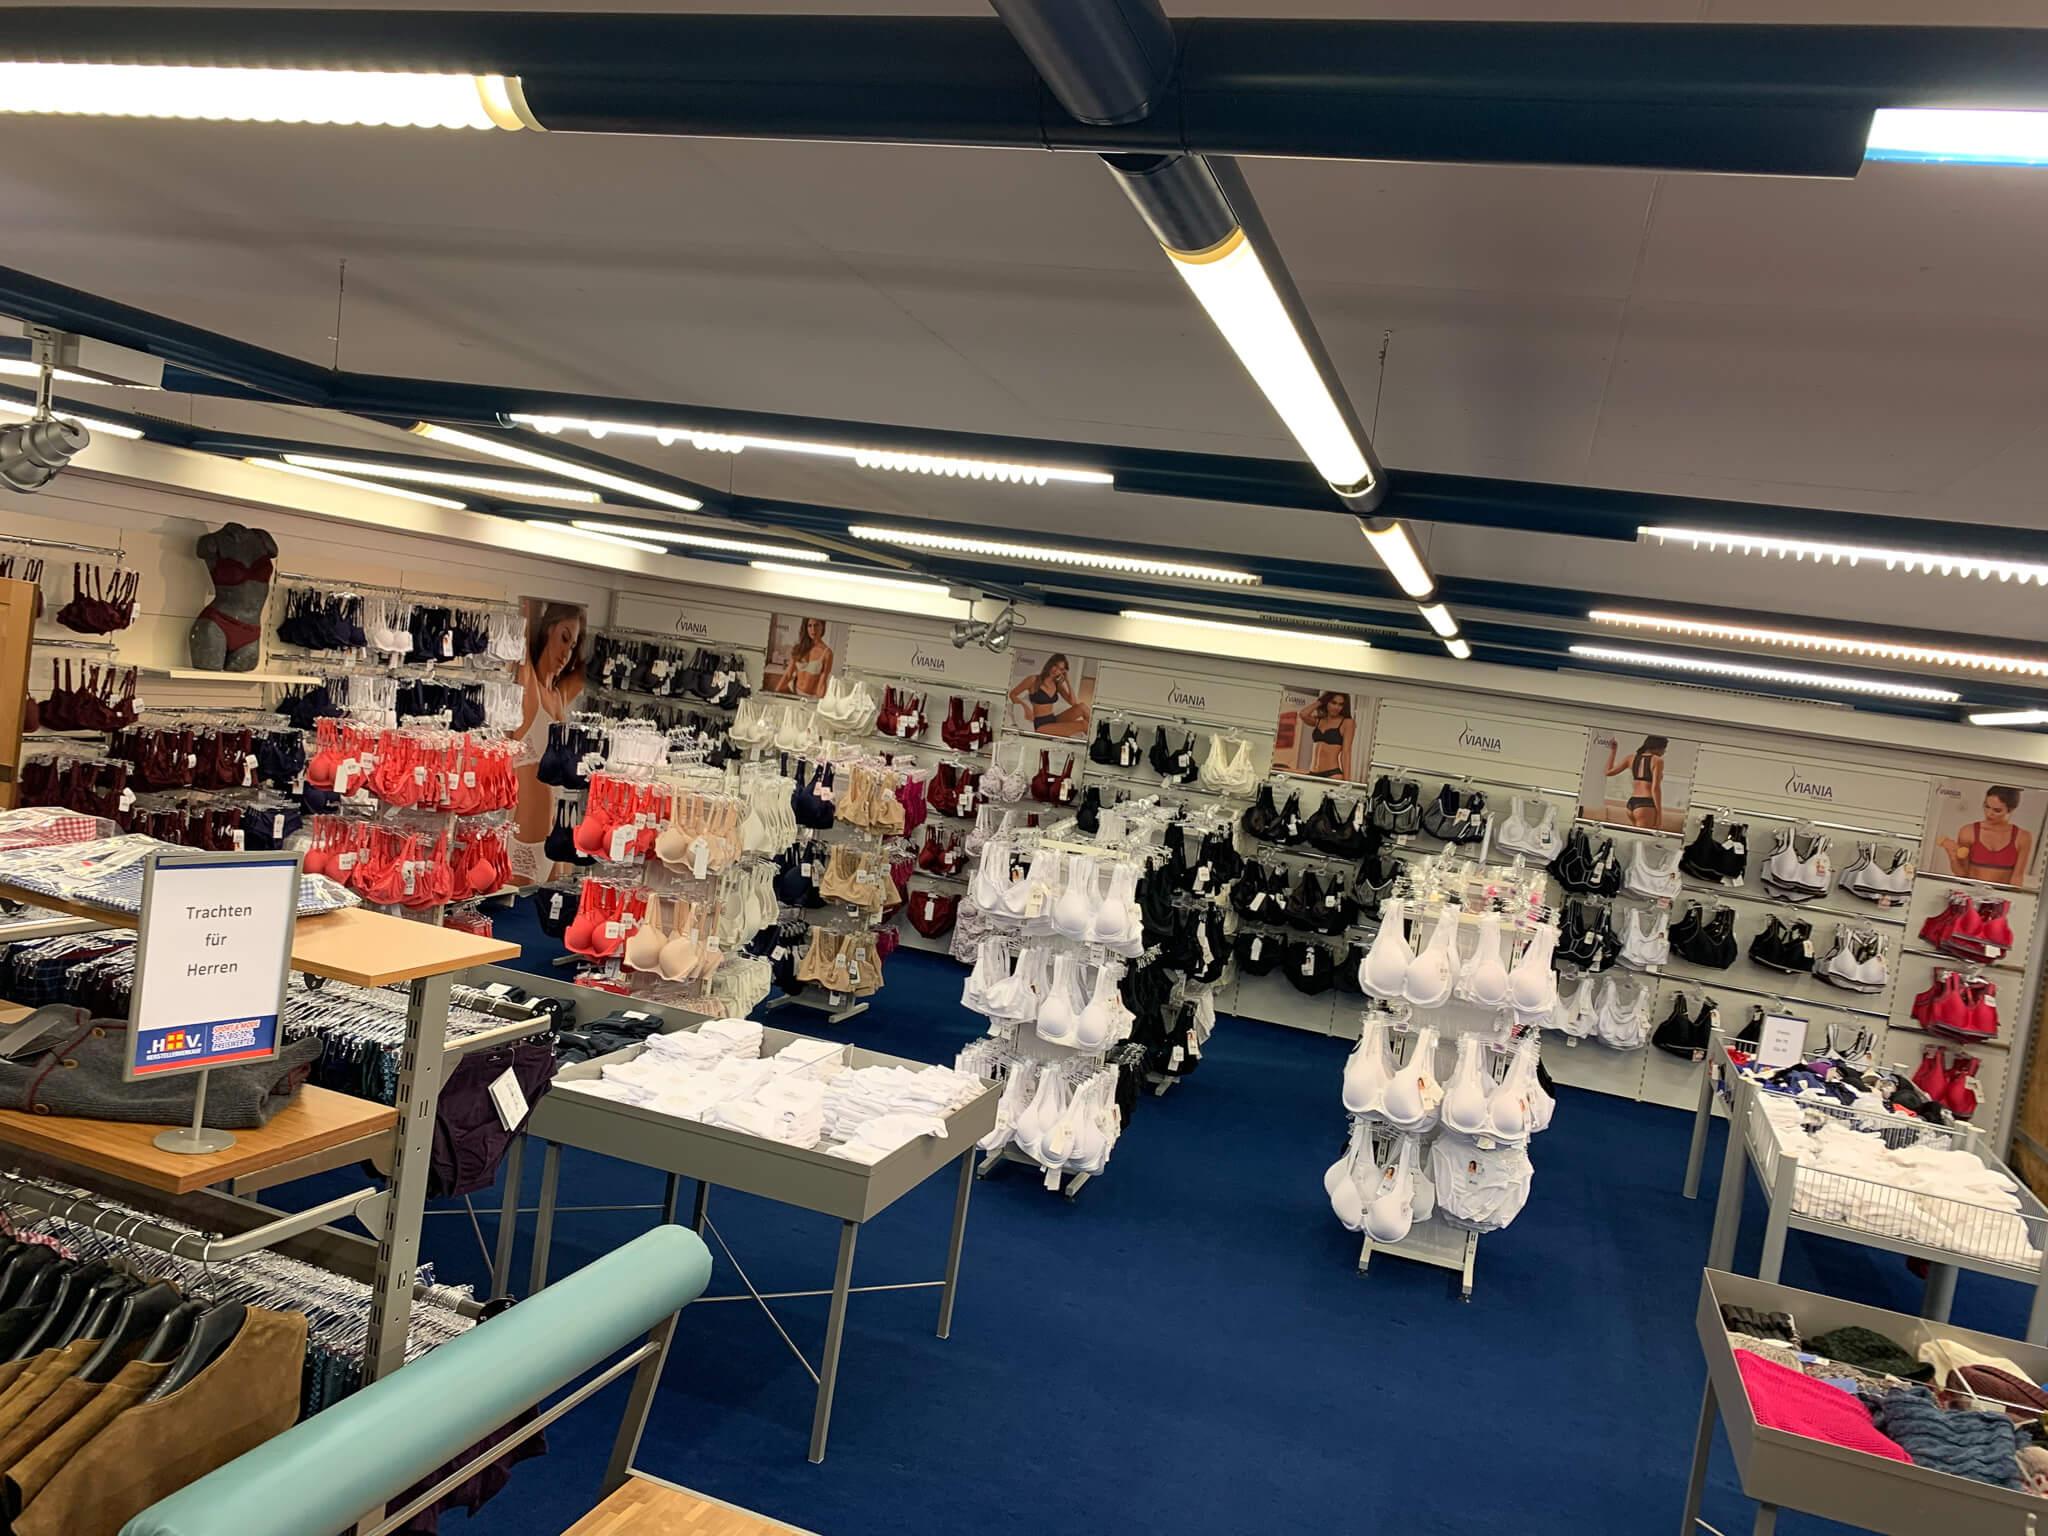 Herstellerverkauf Bad Hindelang Wäsche Galerie